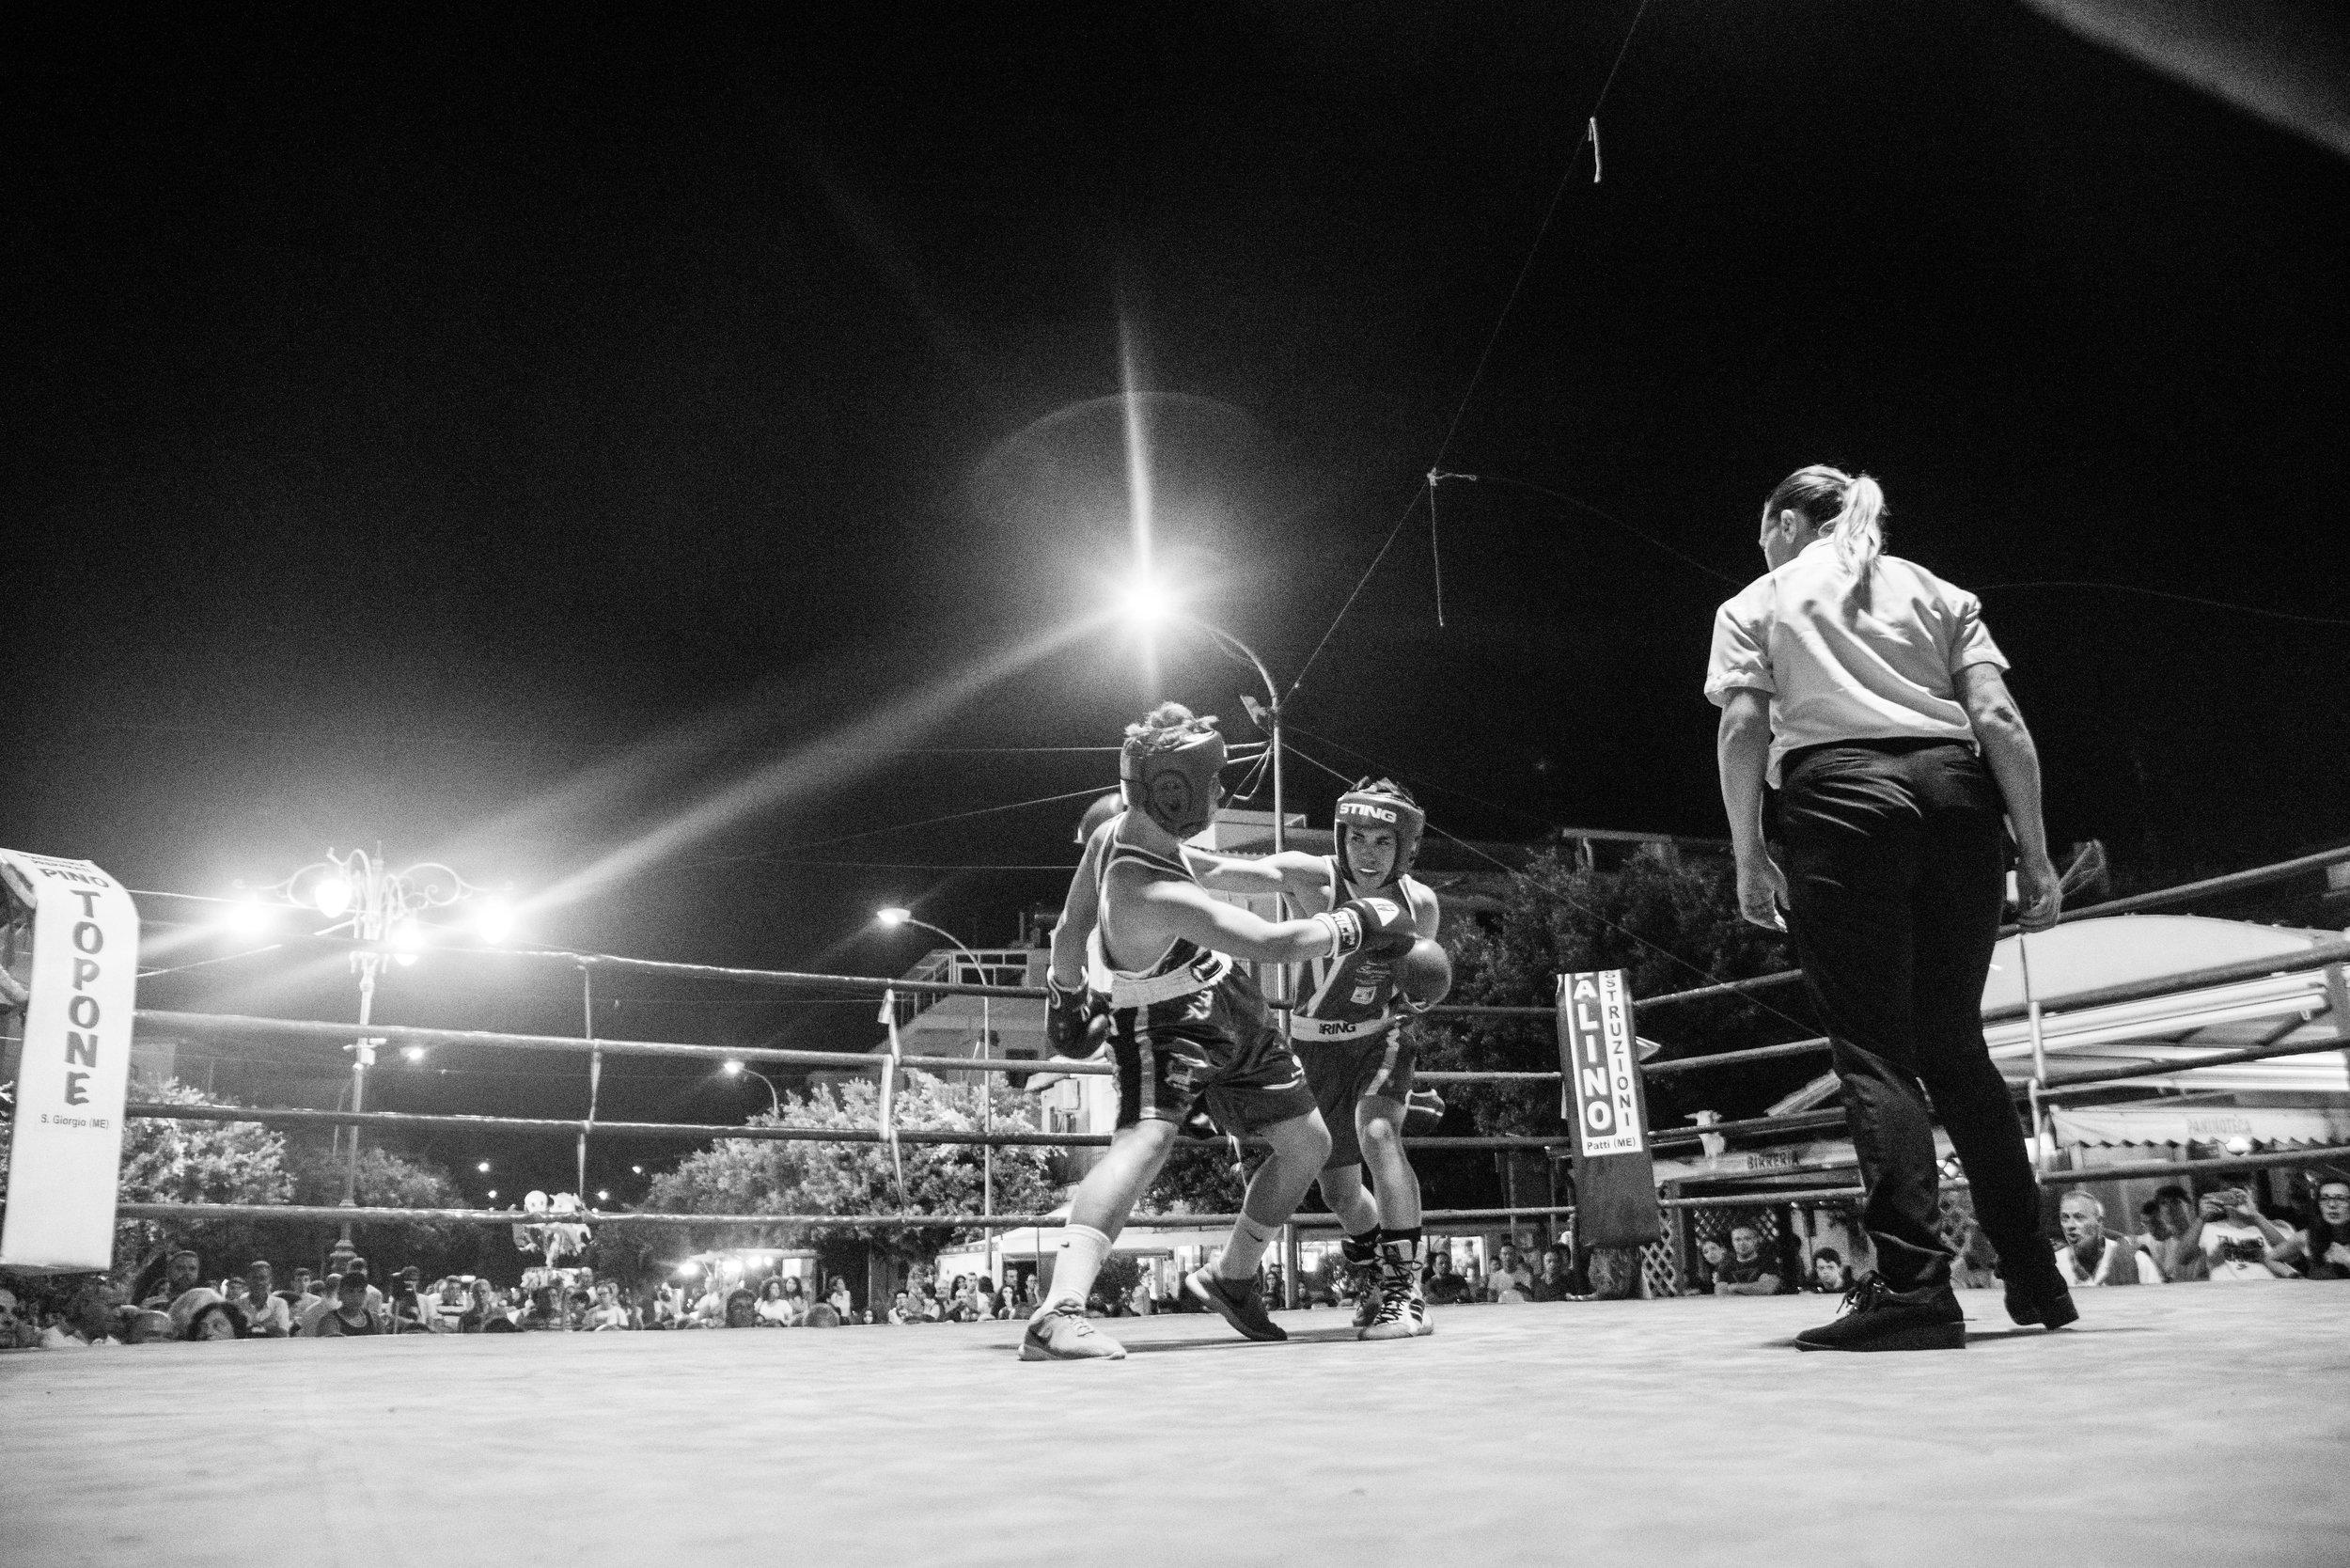 boxe saporito interregionali giugno 2019-40.jpg